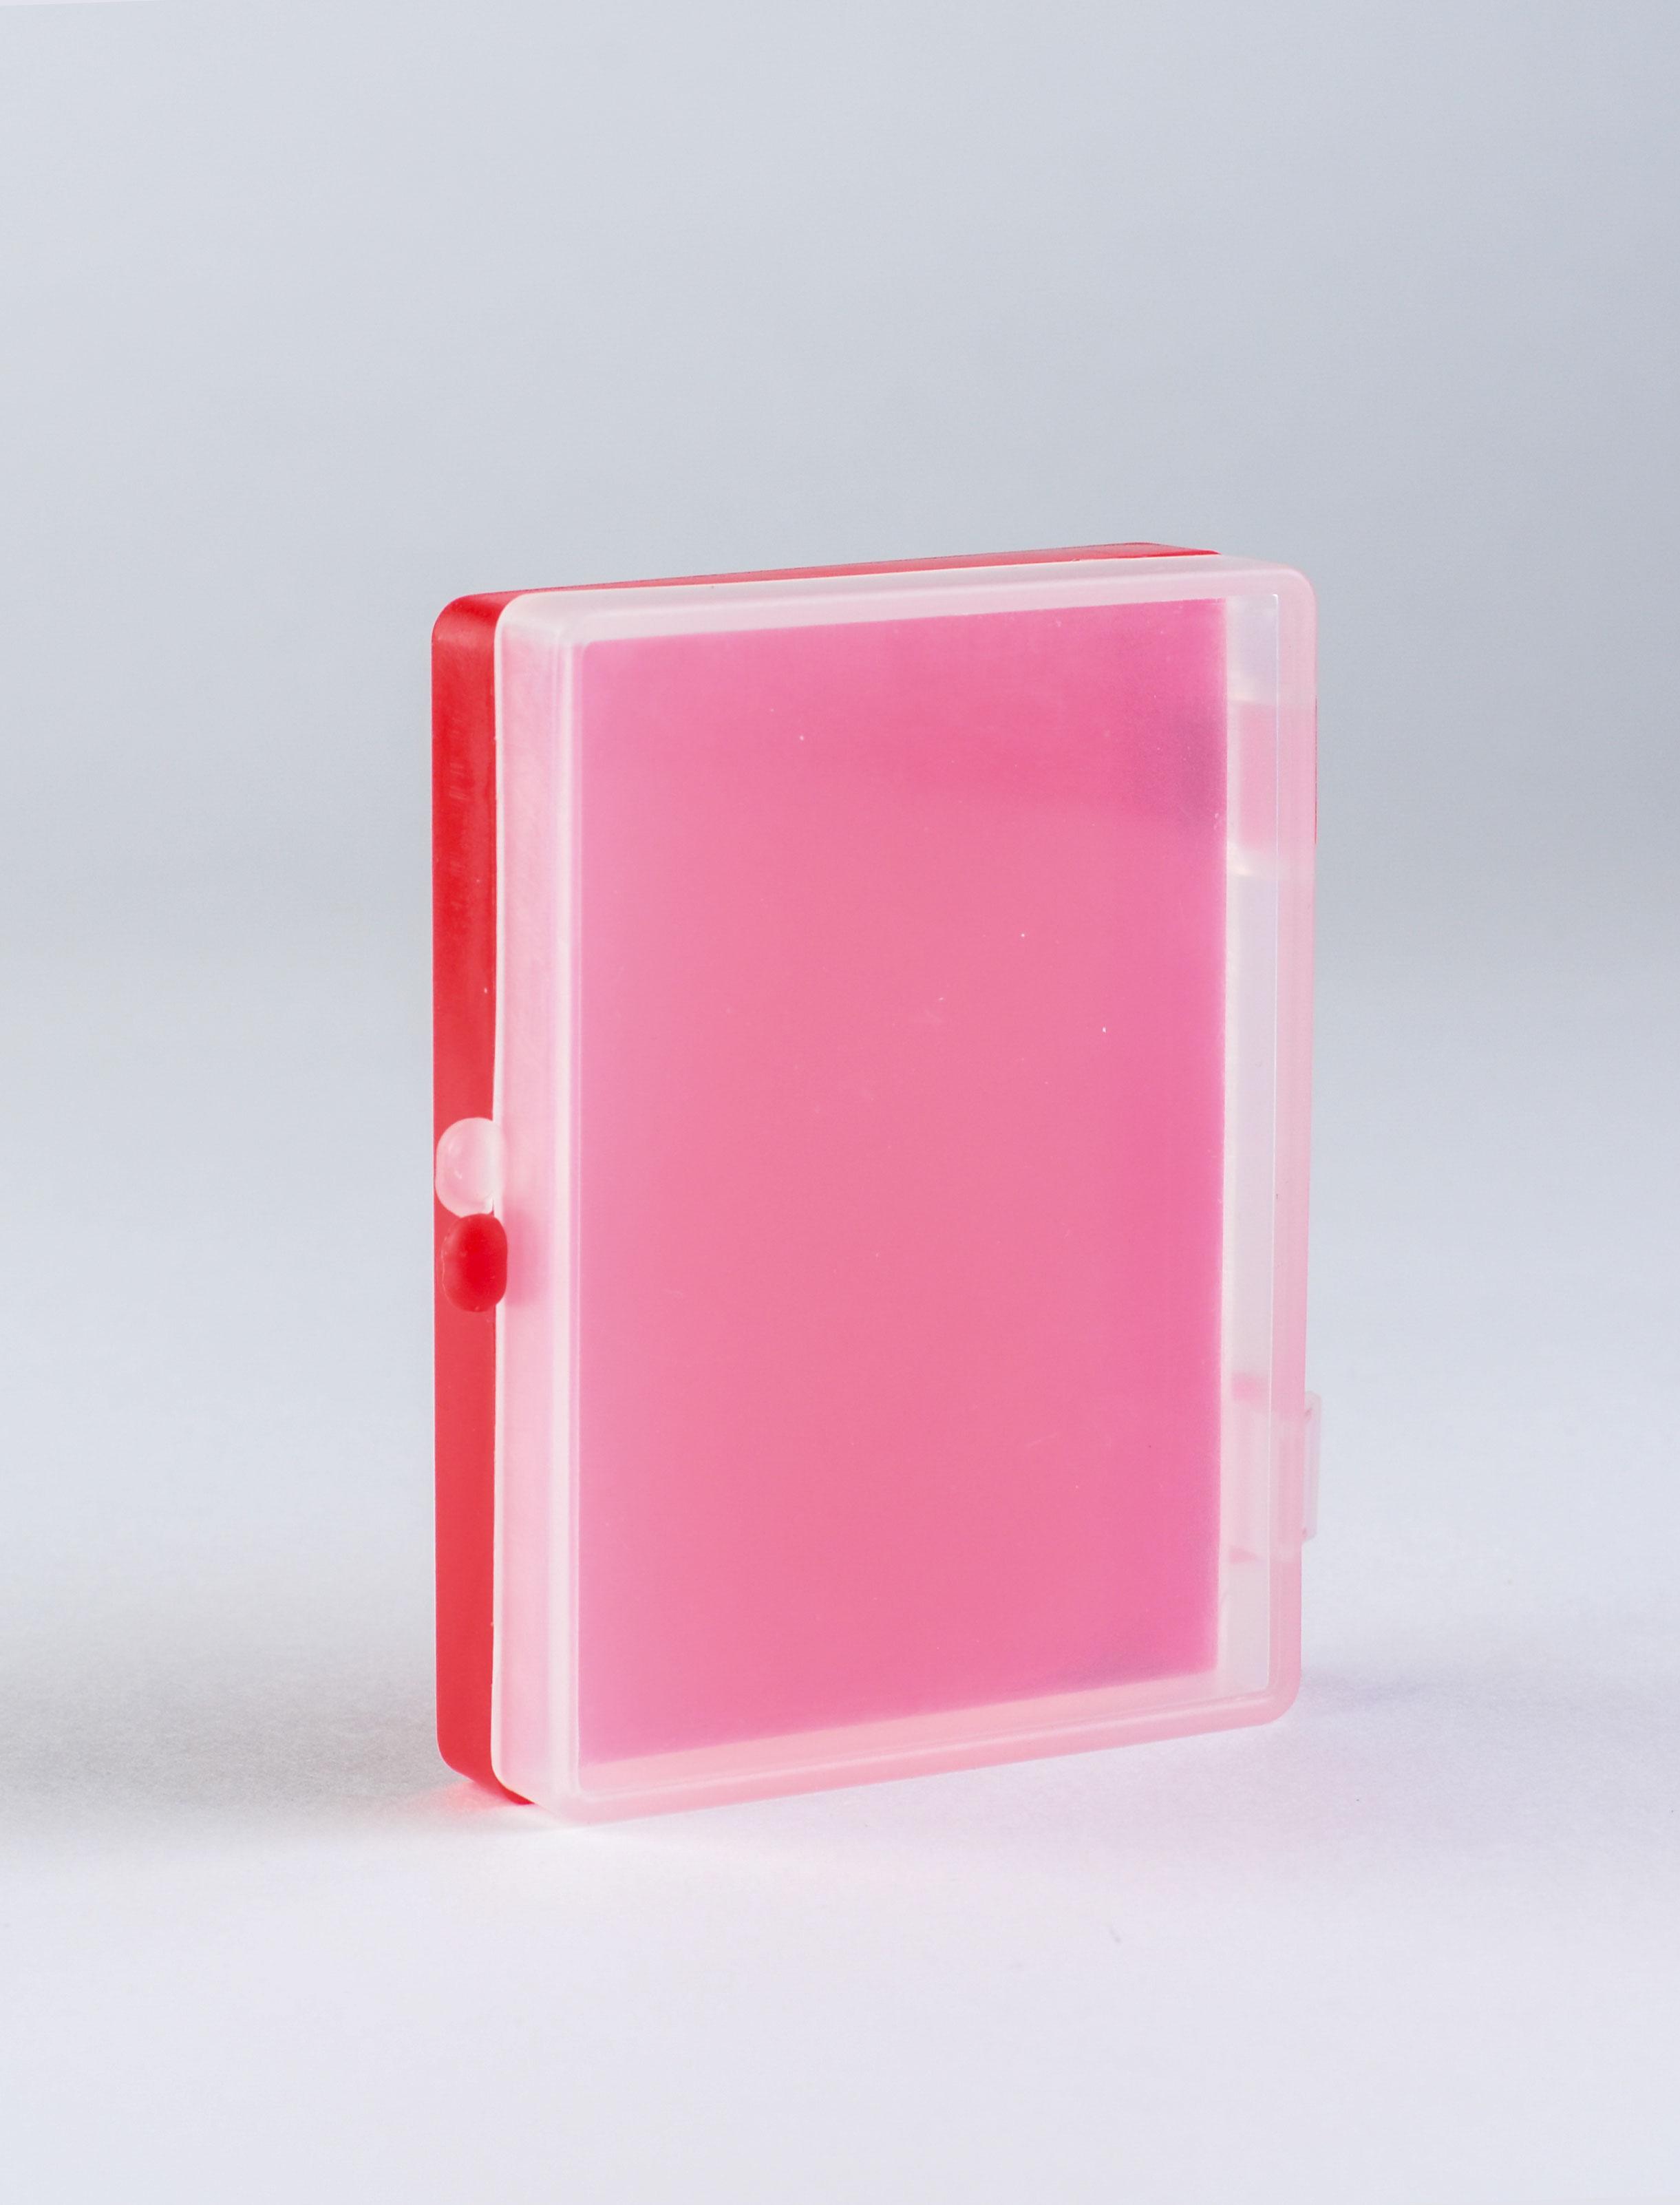 Коробочка для крючков (мормышек) морозостойкая 5-2042 (75*55*16мм)